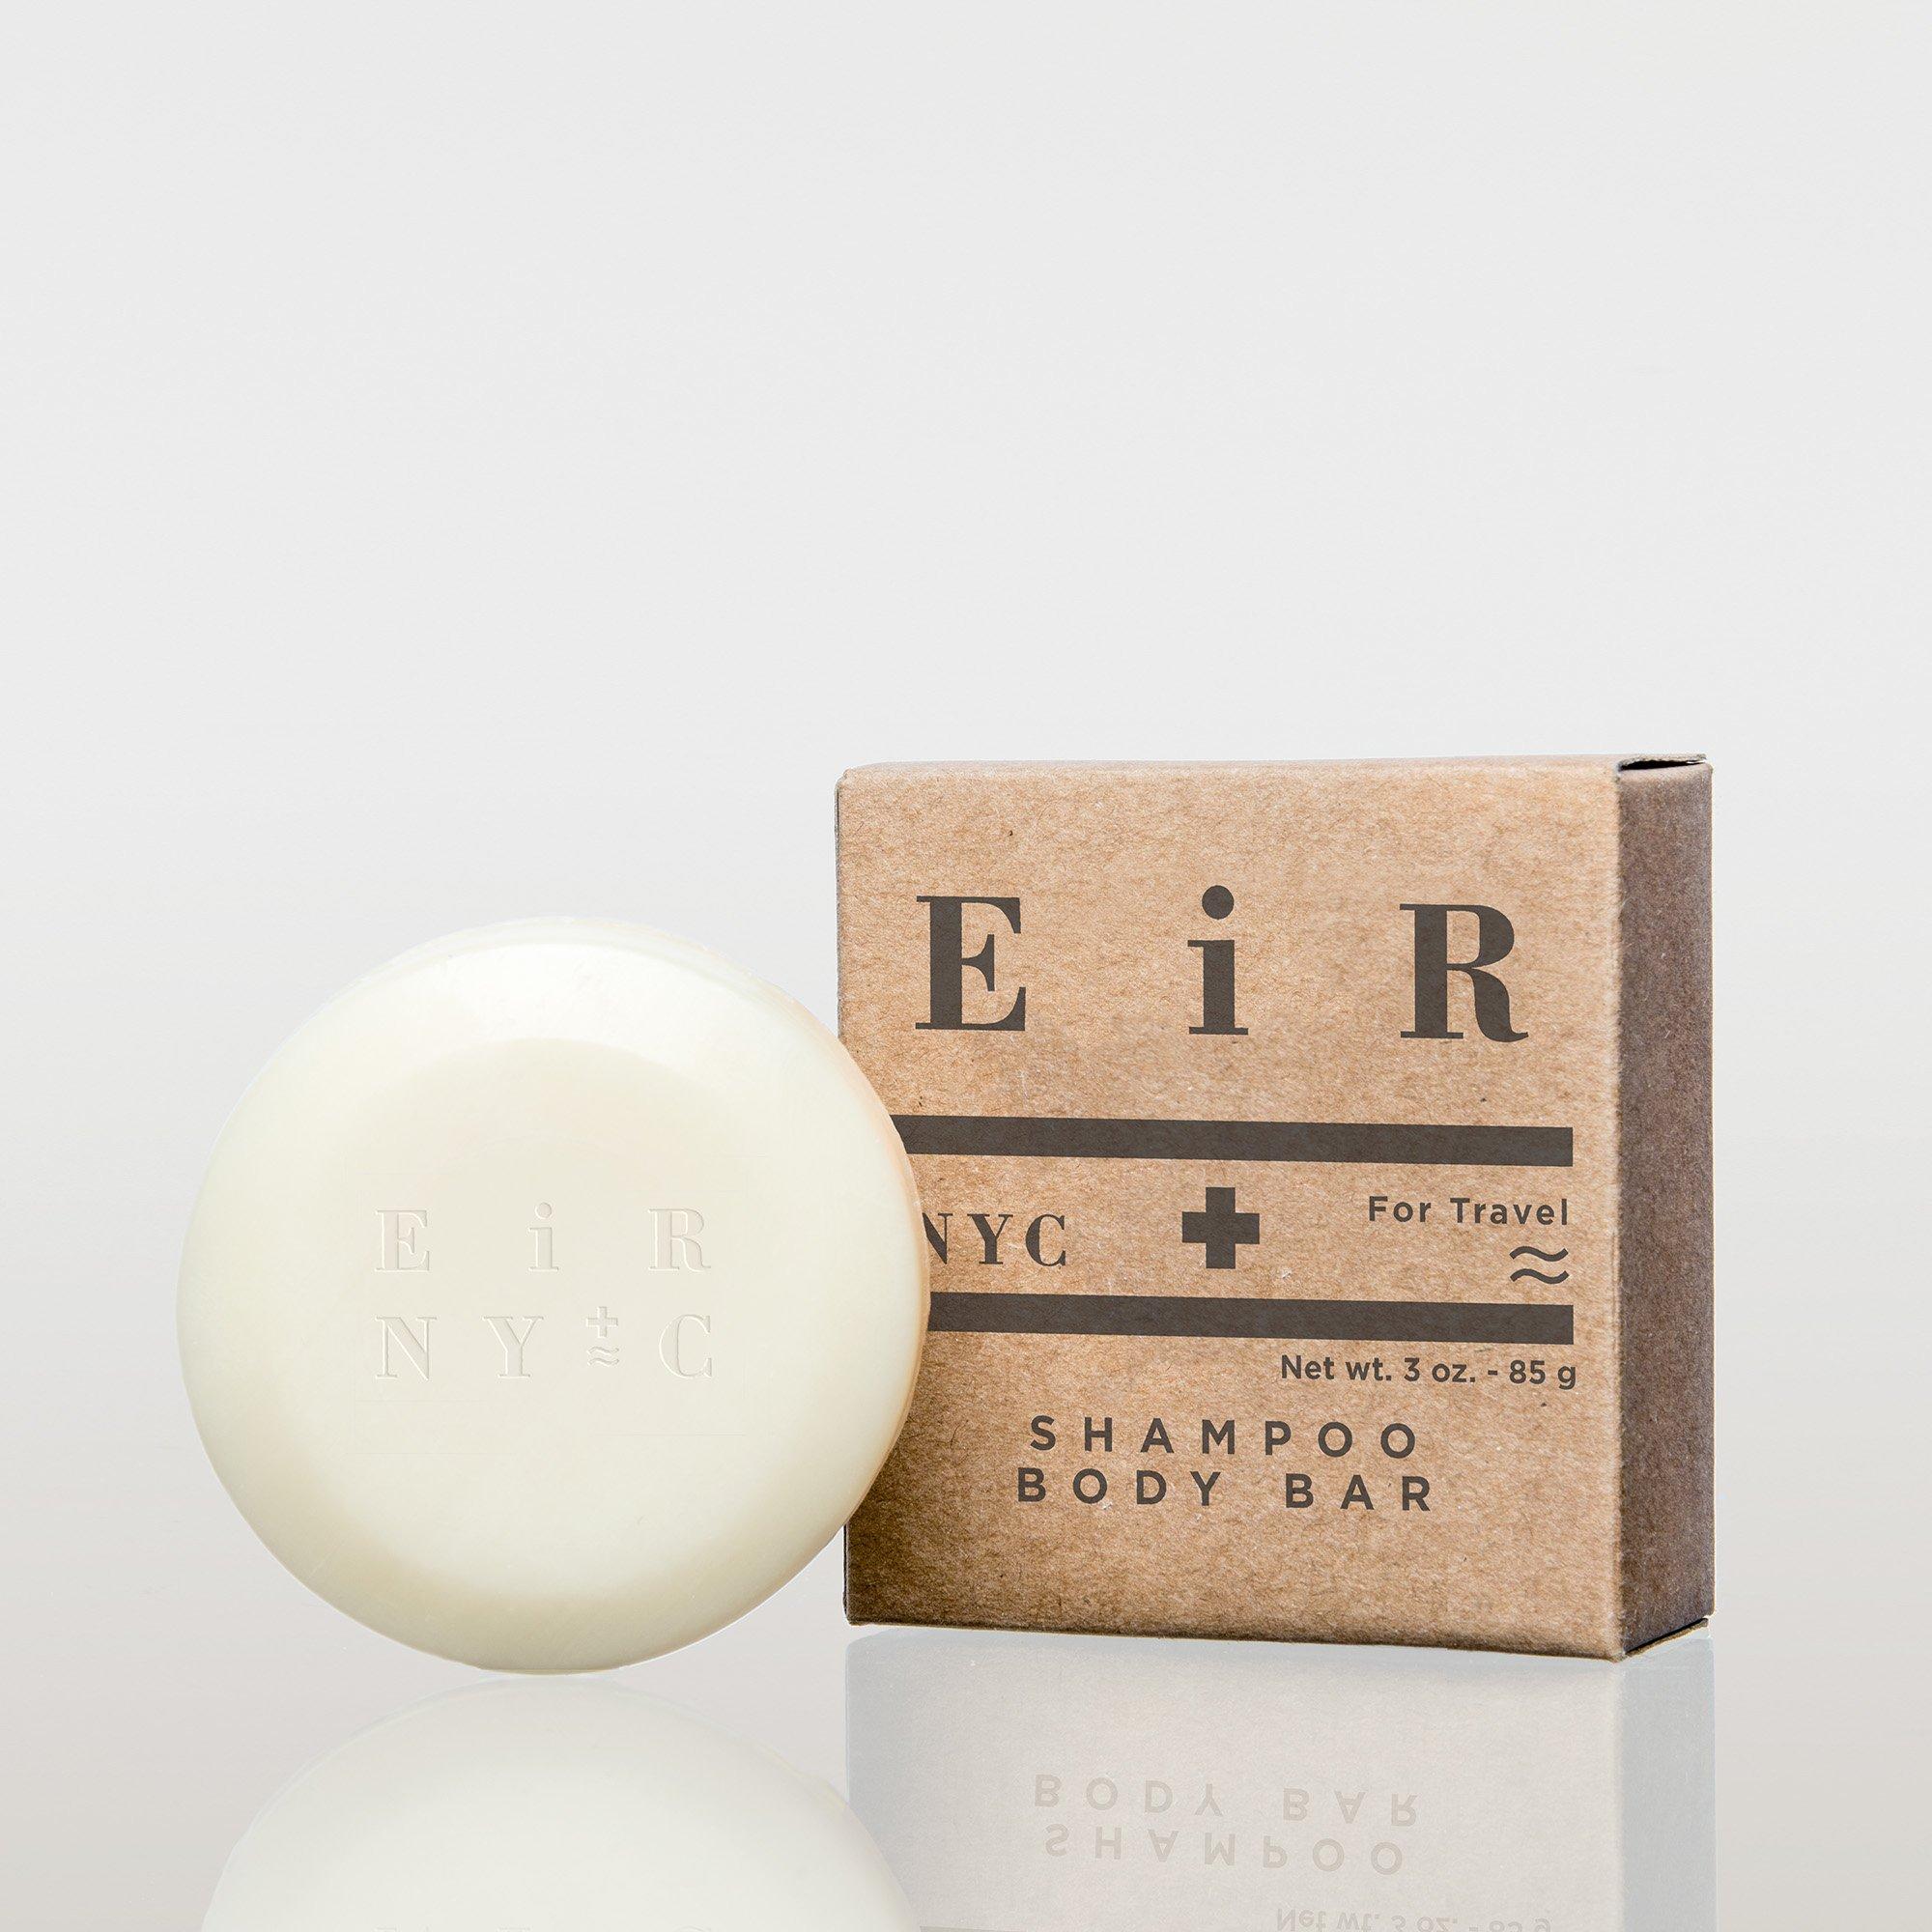 Shampoo and Body Bar -  Eir NYC